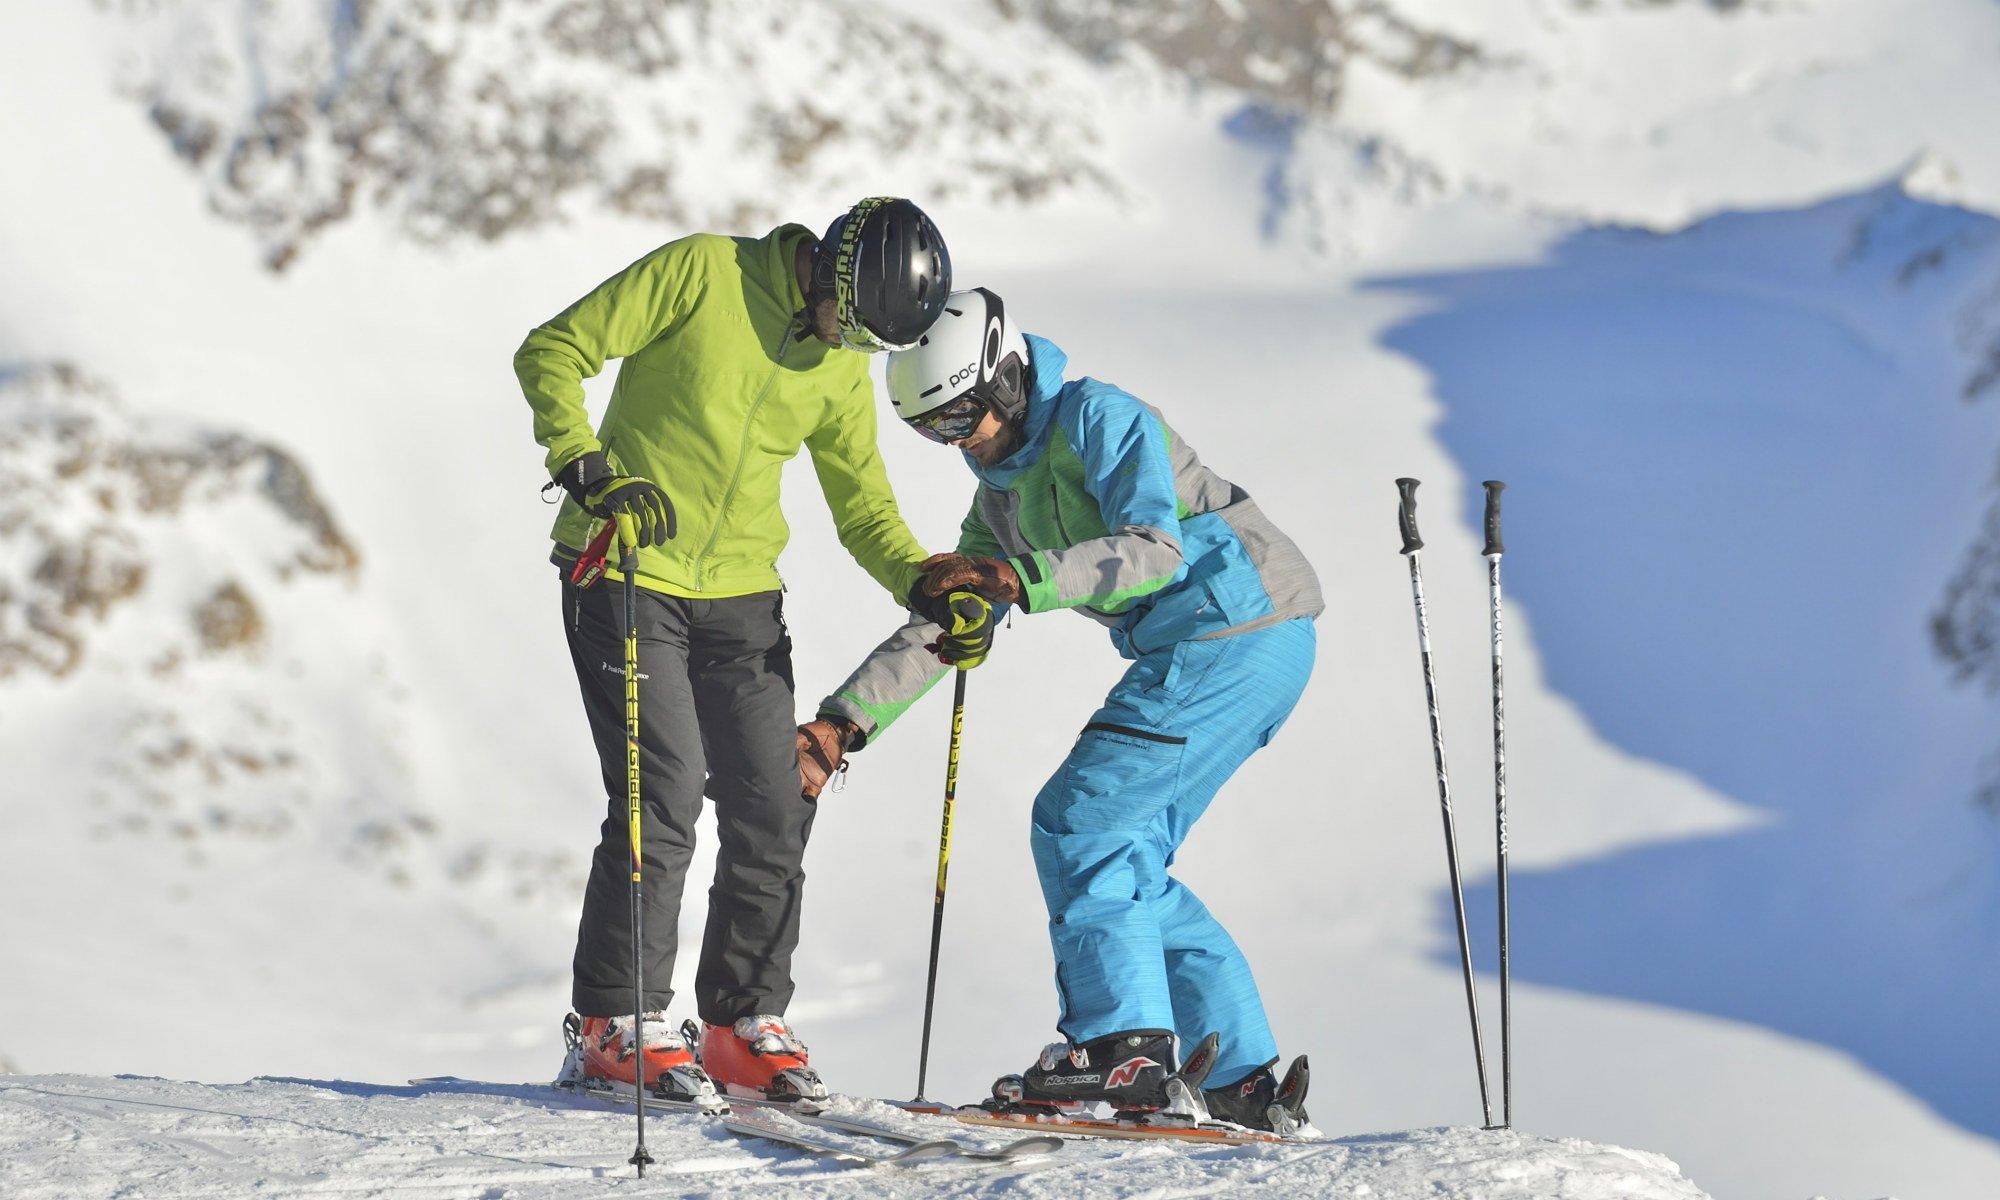 Ein Skilehrer zeigt die richtige Beinstellung.